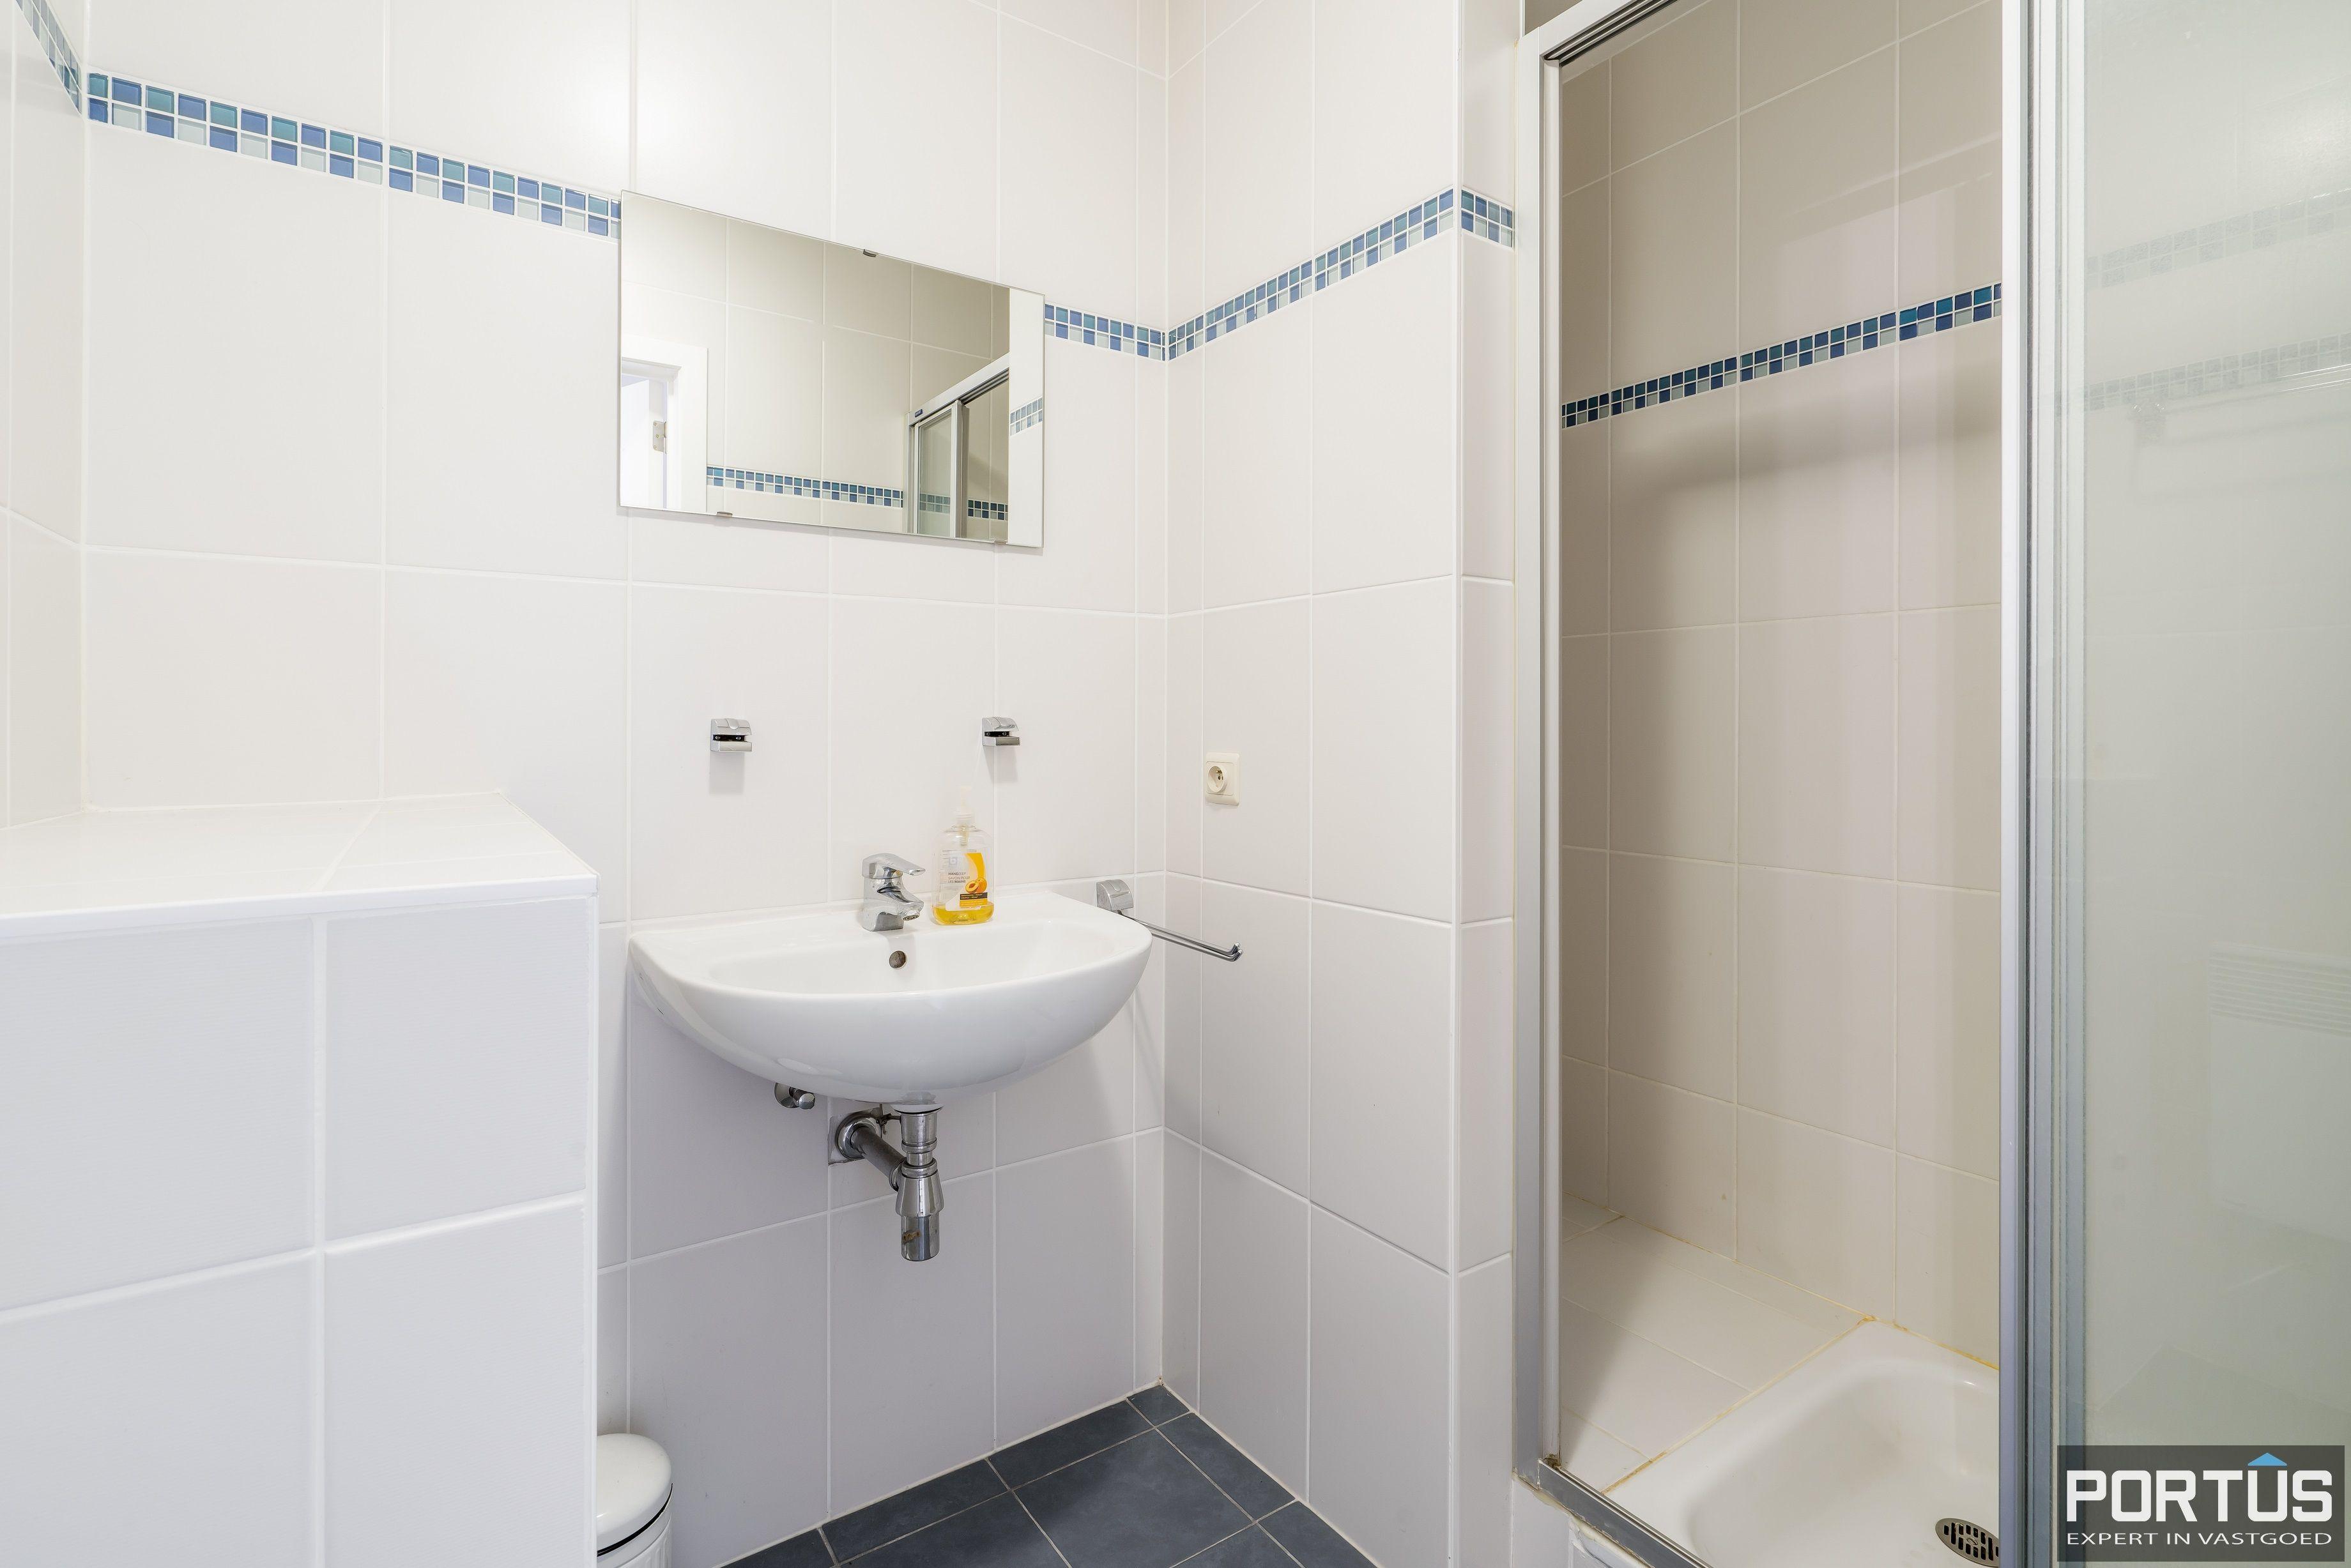 Appartement te koop te Nieuwpoort met 4 slaapkamers - 12985